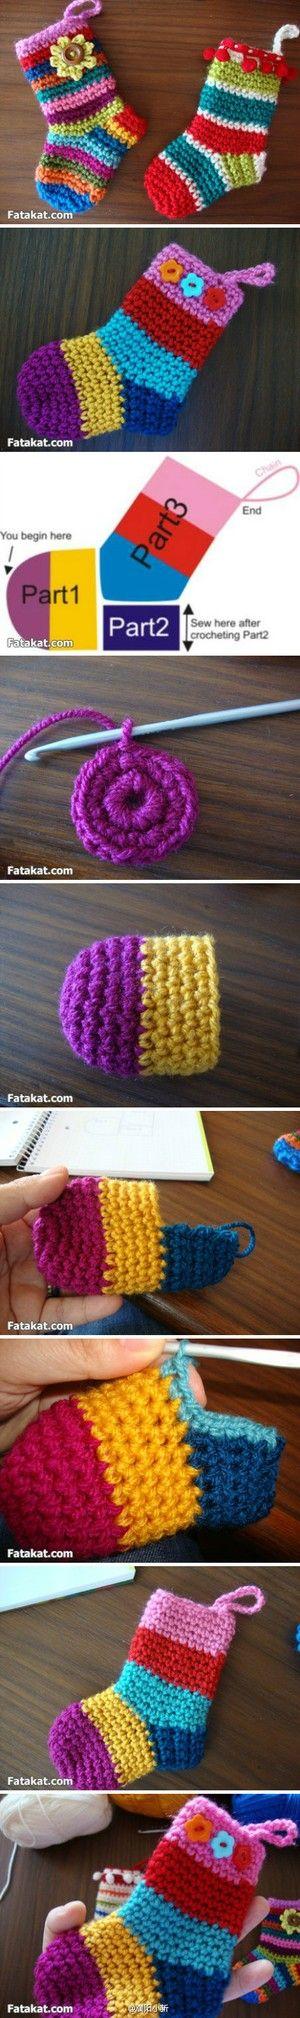 彩色小袜子 - 堆糖 发现生活_收集美好_分享图片